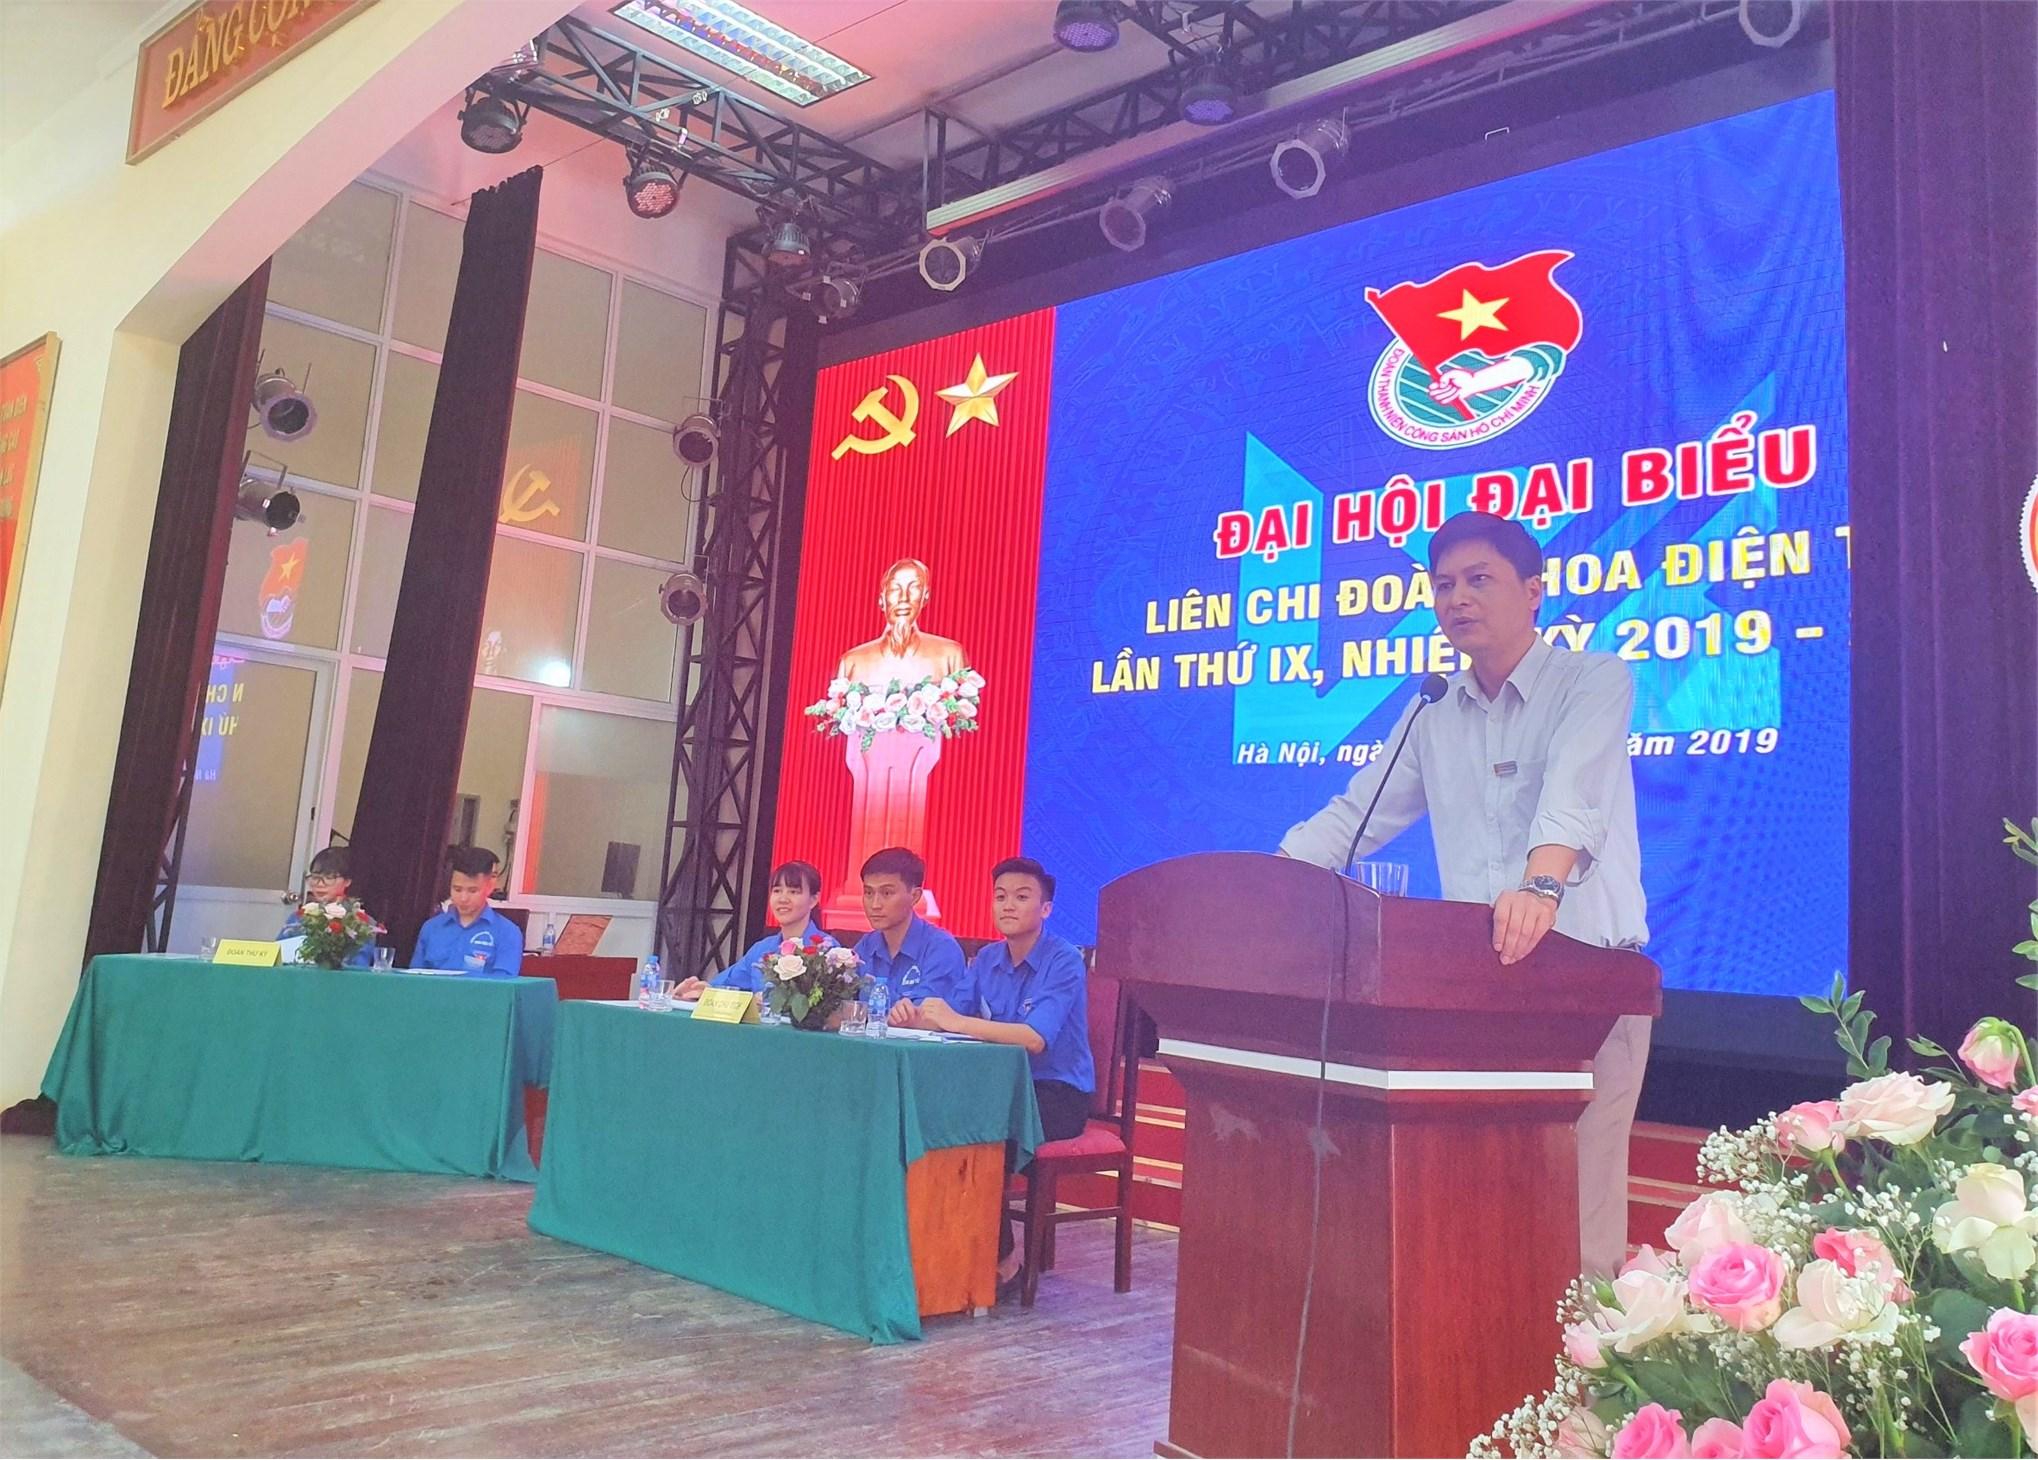 Đại hội đại biểu Liên chi đoàn khoa Điện tử lần thứ IX, nhiệm kỳ 2019 – 2022